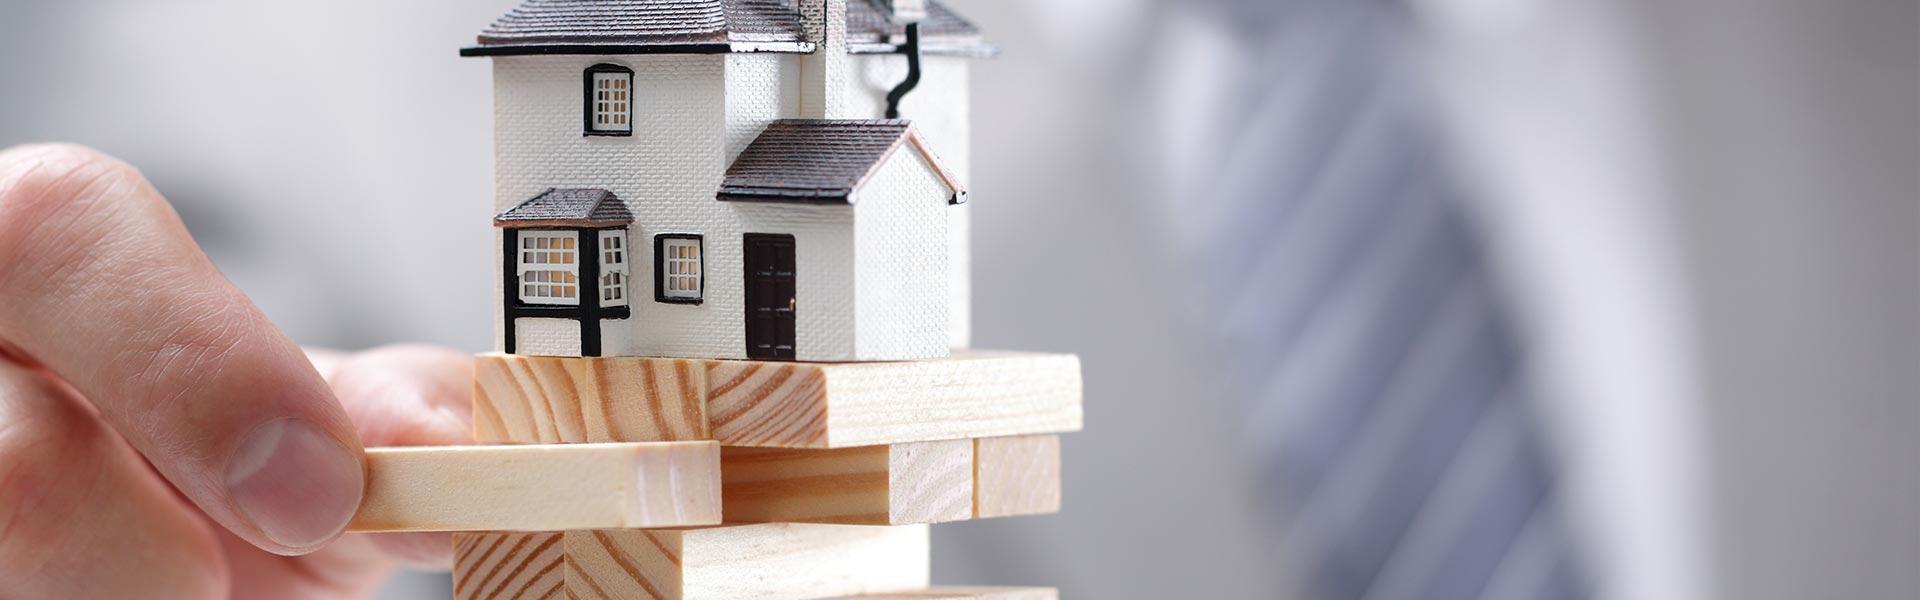 votre assurance tous risques chantier charleroi. Black Bedroom Furniture Sets. Home Design Ideas